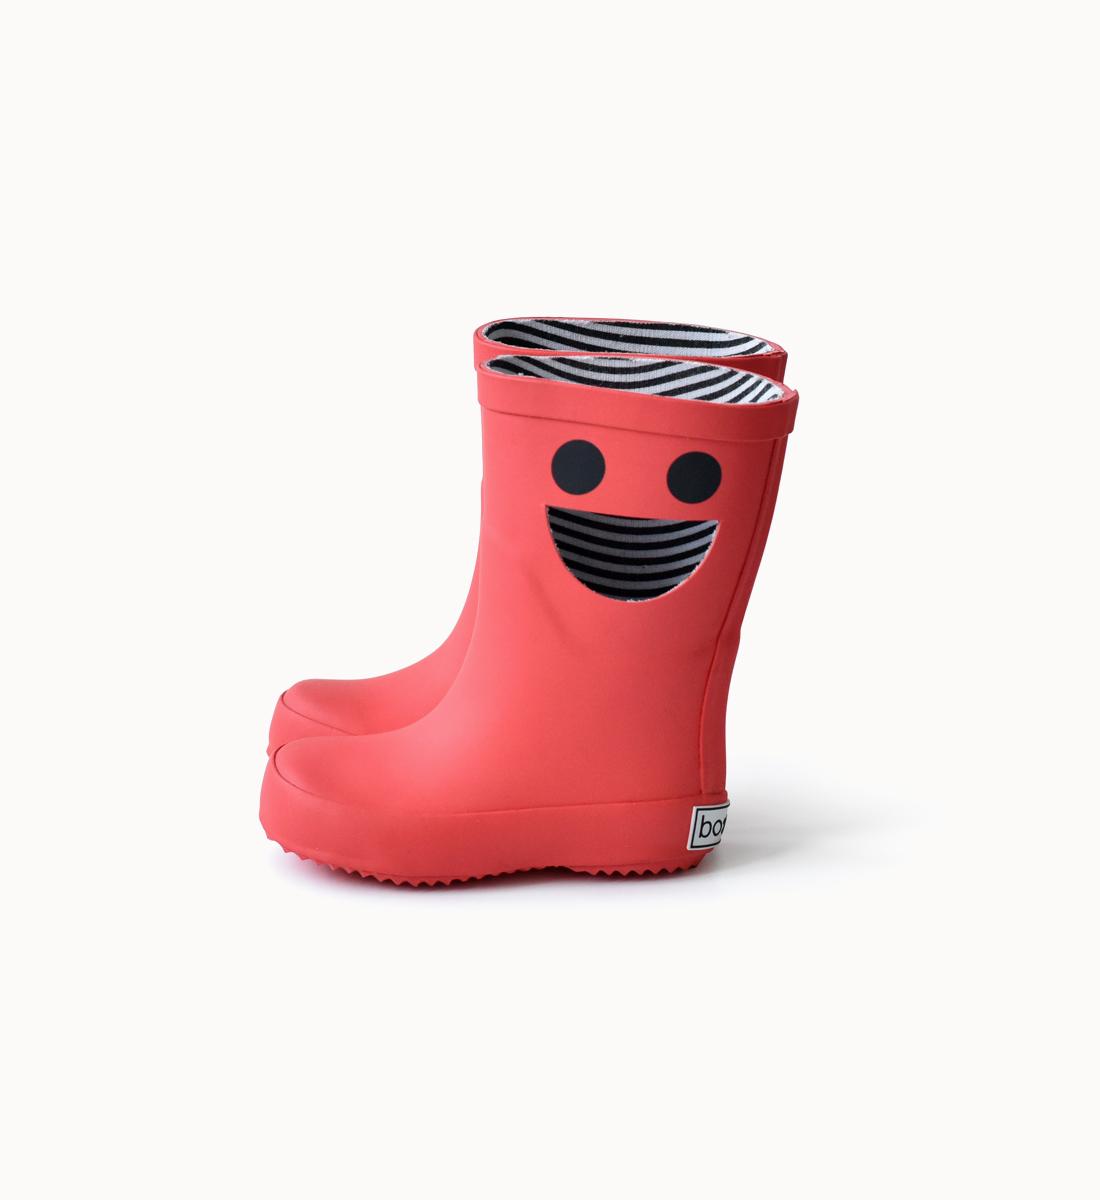 BOXBO 法國時尚雨靴 / 我愛笑瞇瞇系列-豔陽紅